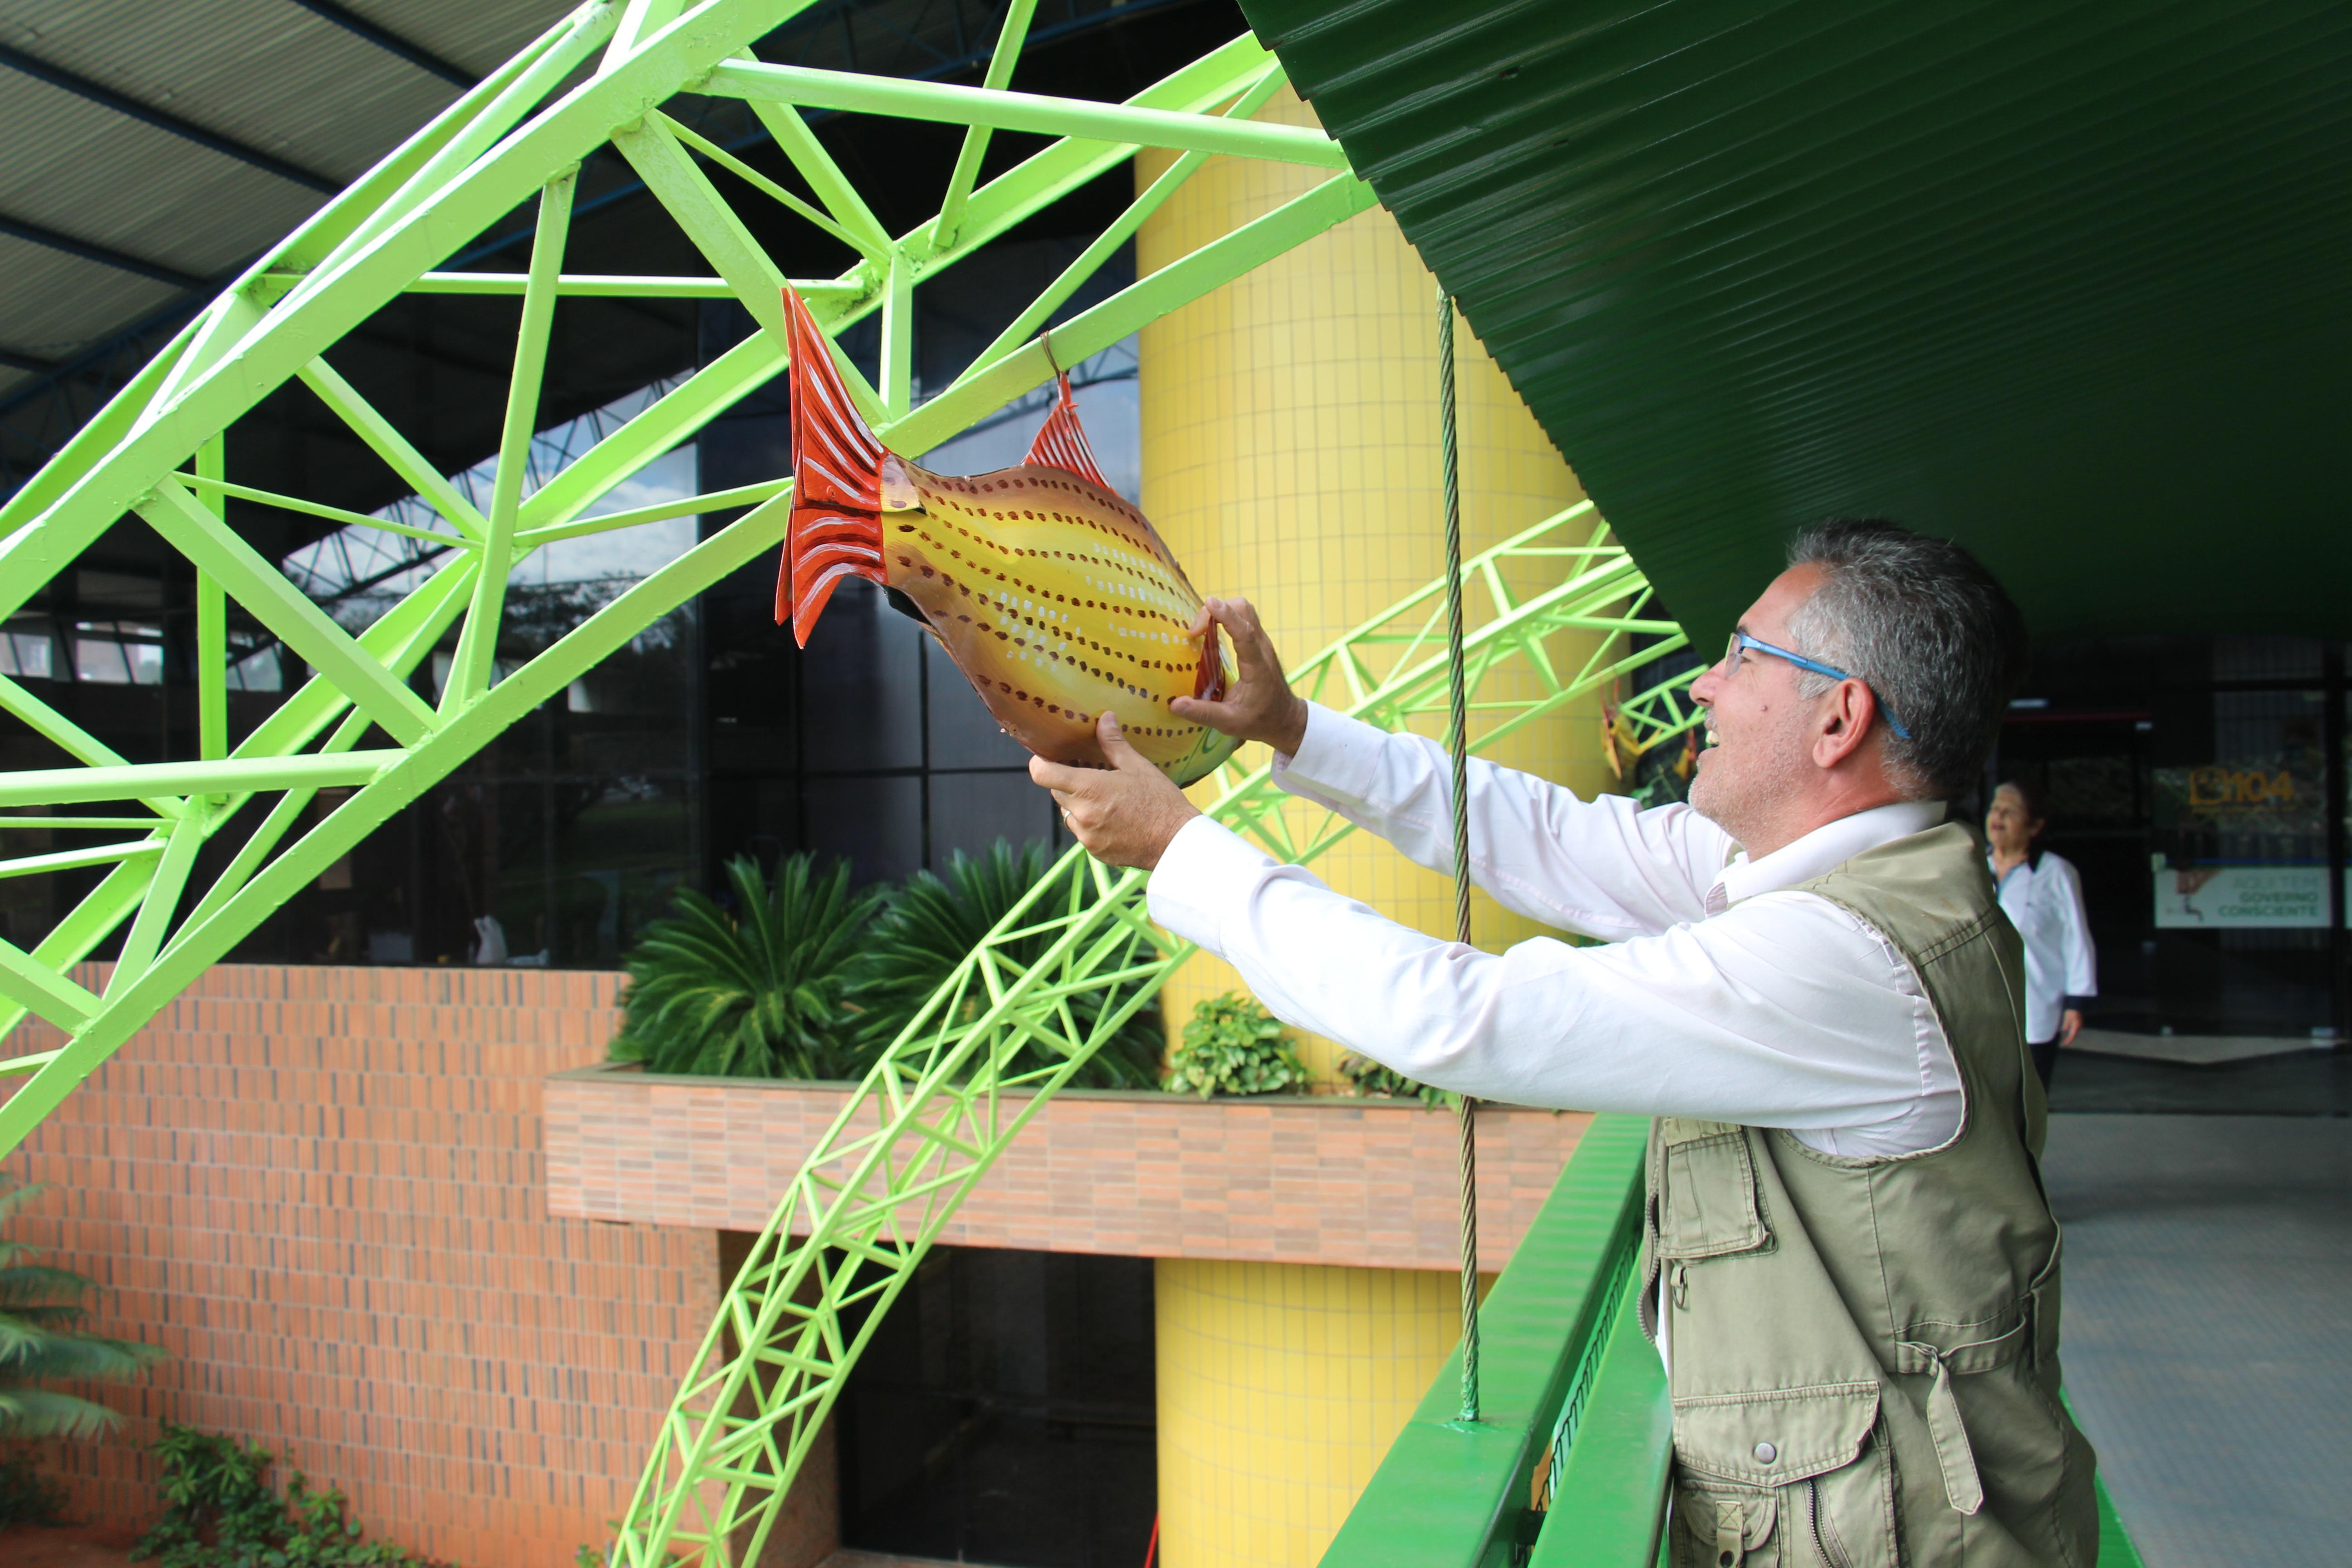 Confraria de artistas plásticos inaugura nova exposição no espaço cultural da TV Educativa